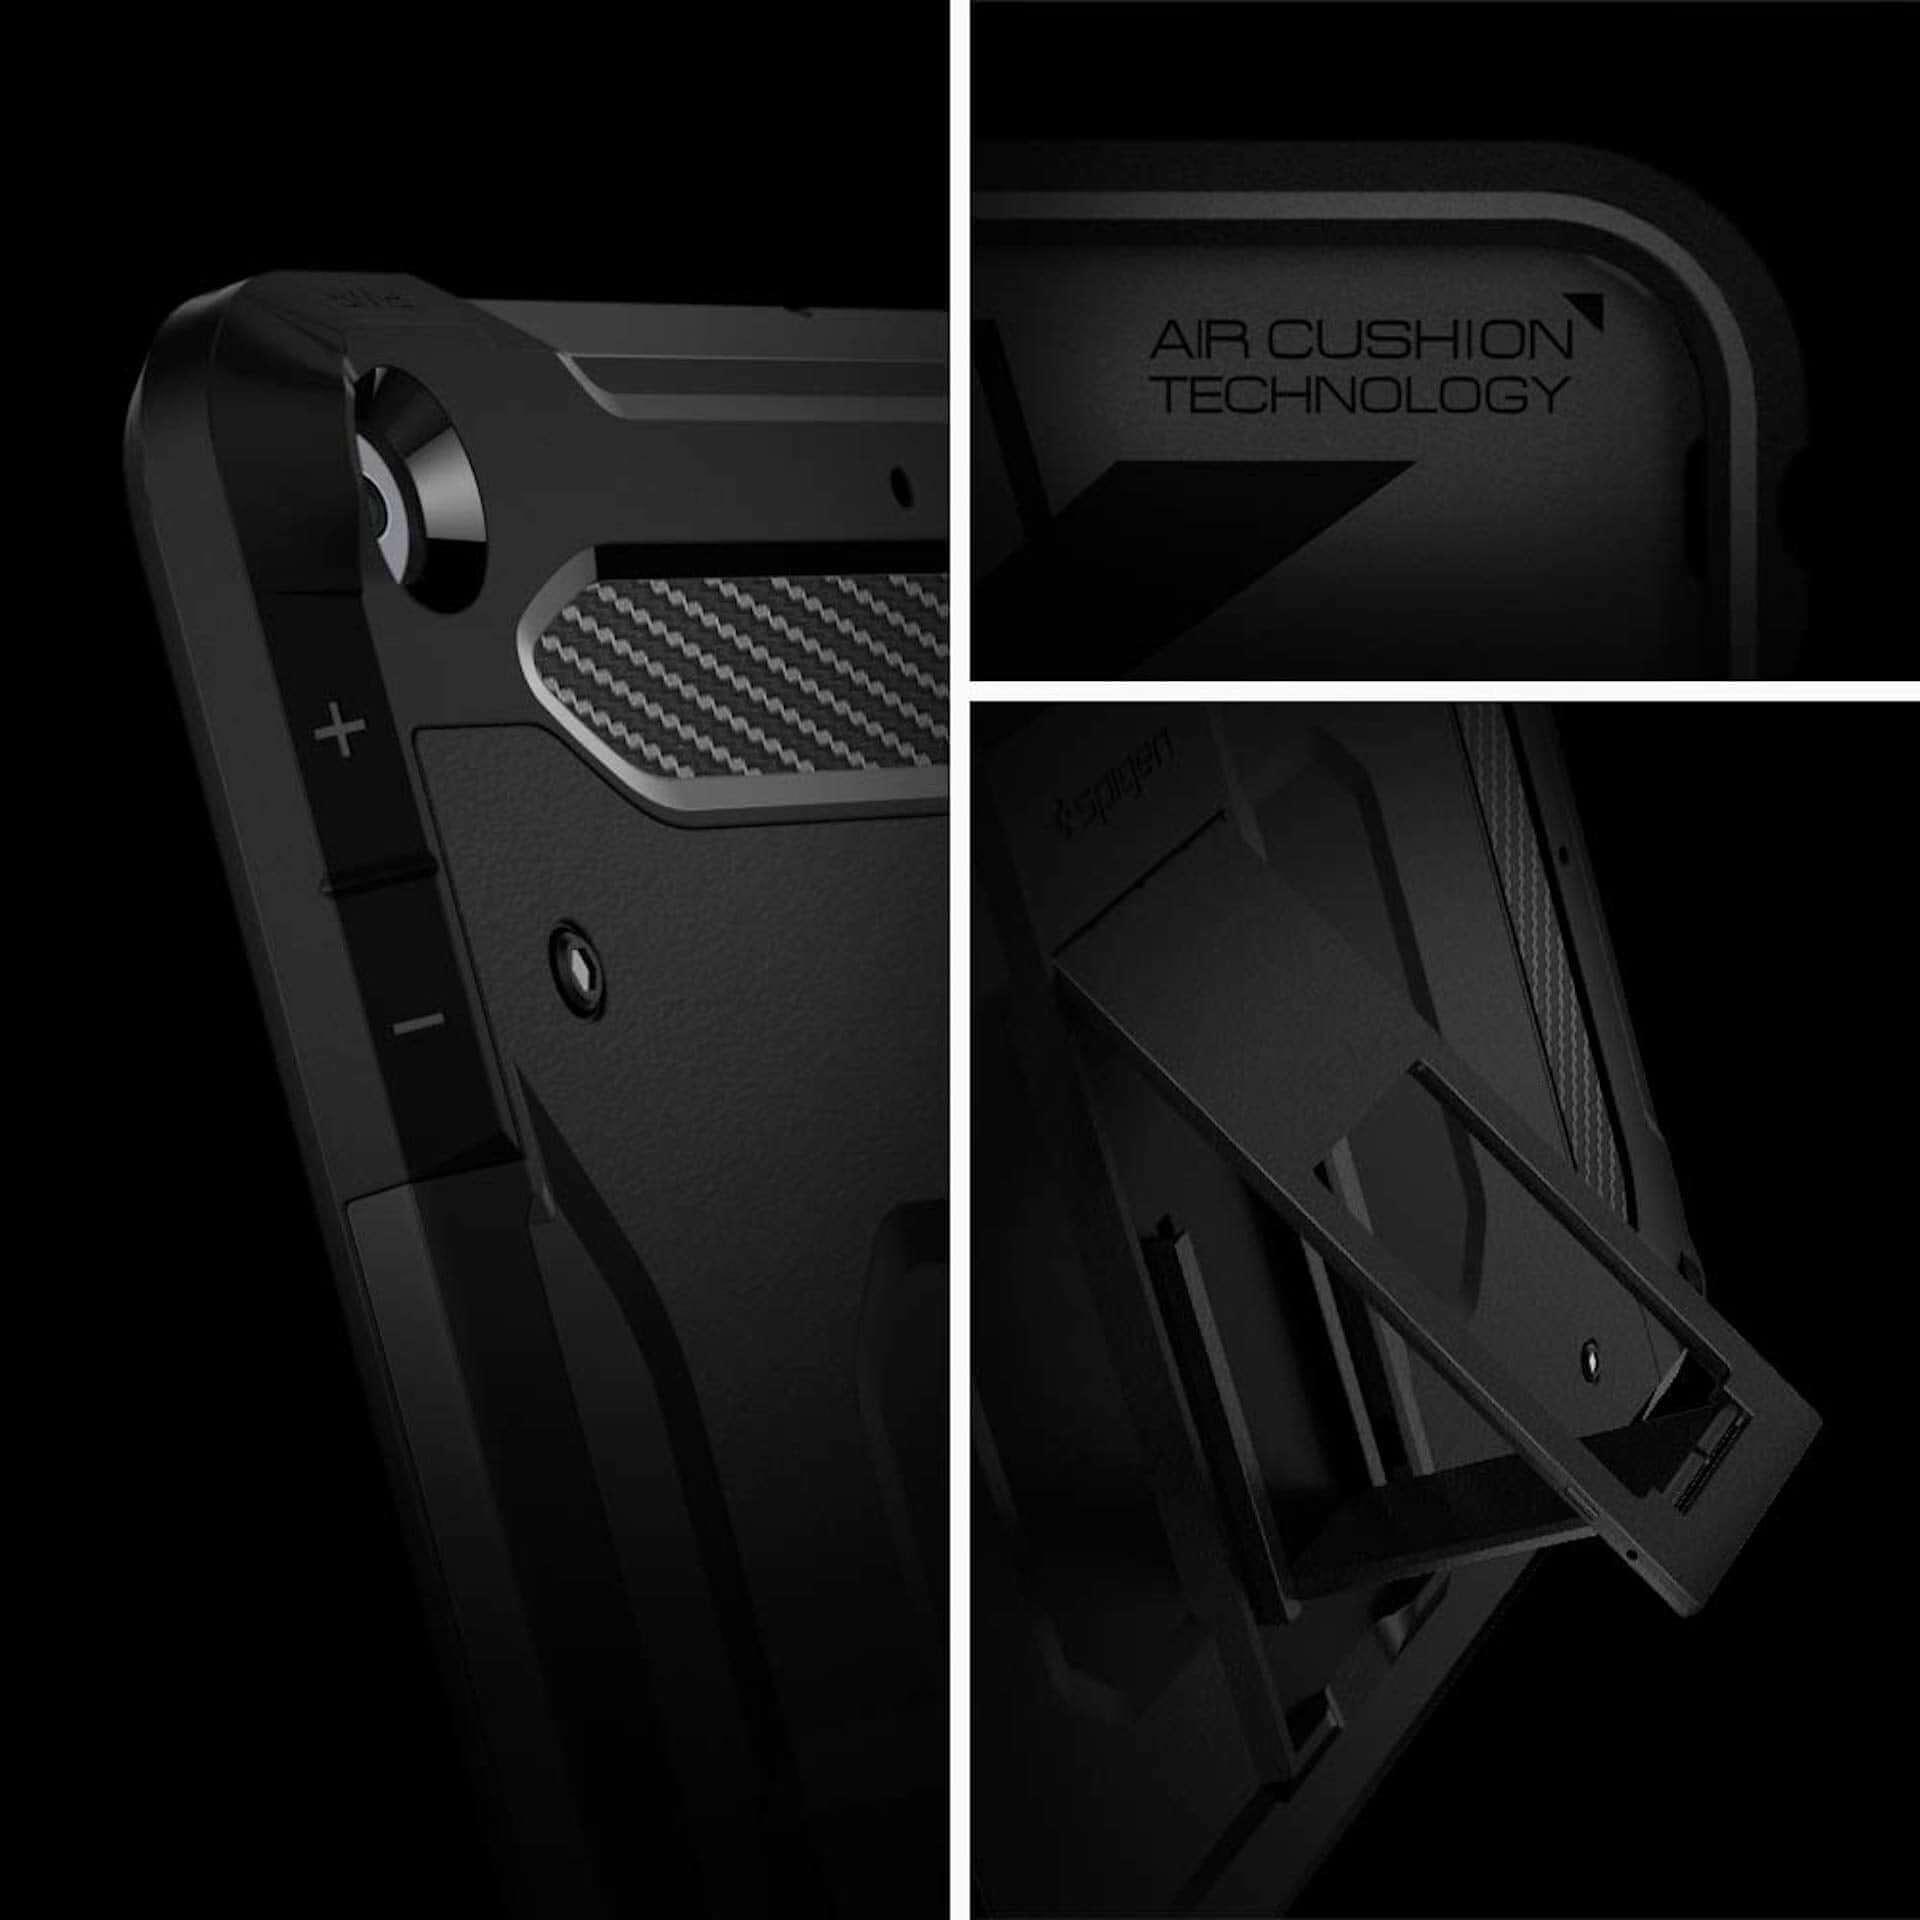 米軍MIL規格を得たNo.1の耐衝撃性能を誇るiPad mini 5用ケースに新色登場|Spigen「タフ・アーマー テック」 technology190628spigen-ipadmini_3-1920x1920